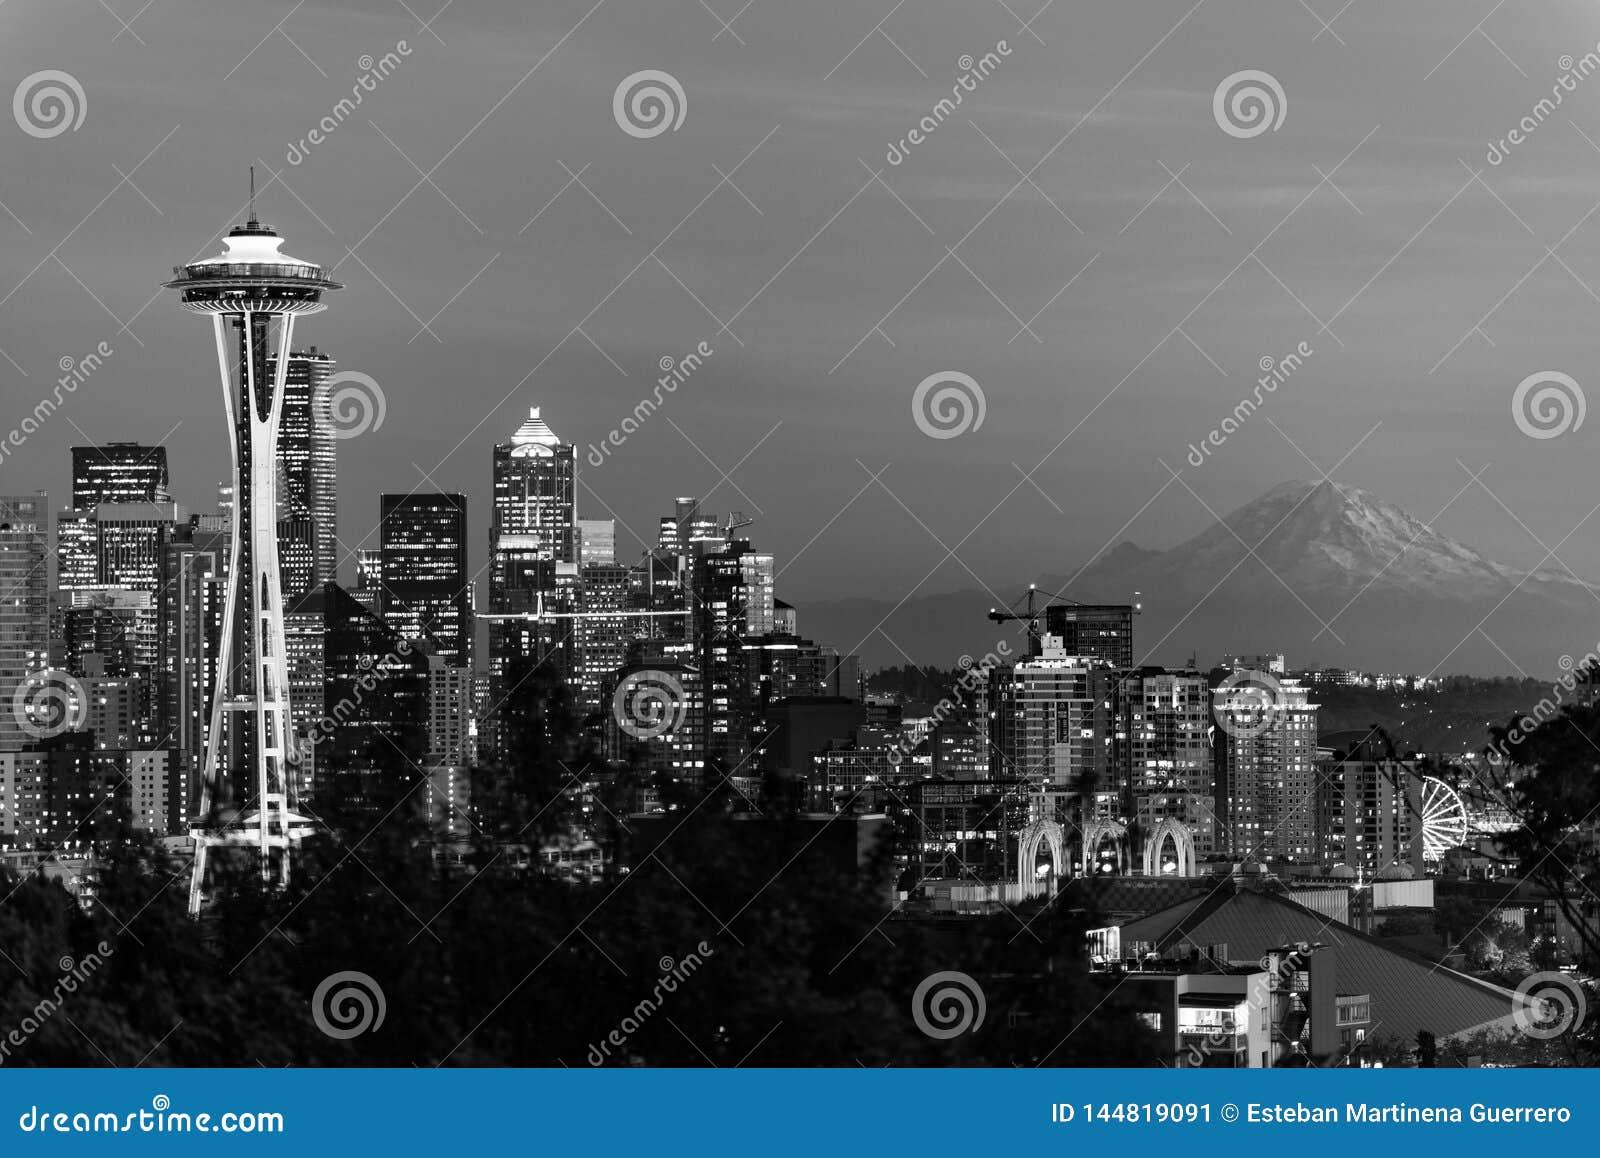 Imagem preto e branco da skyline da cidade de Seattle e do perfil do Monte Rainier no fundo